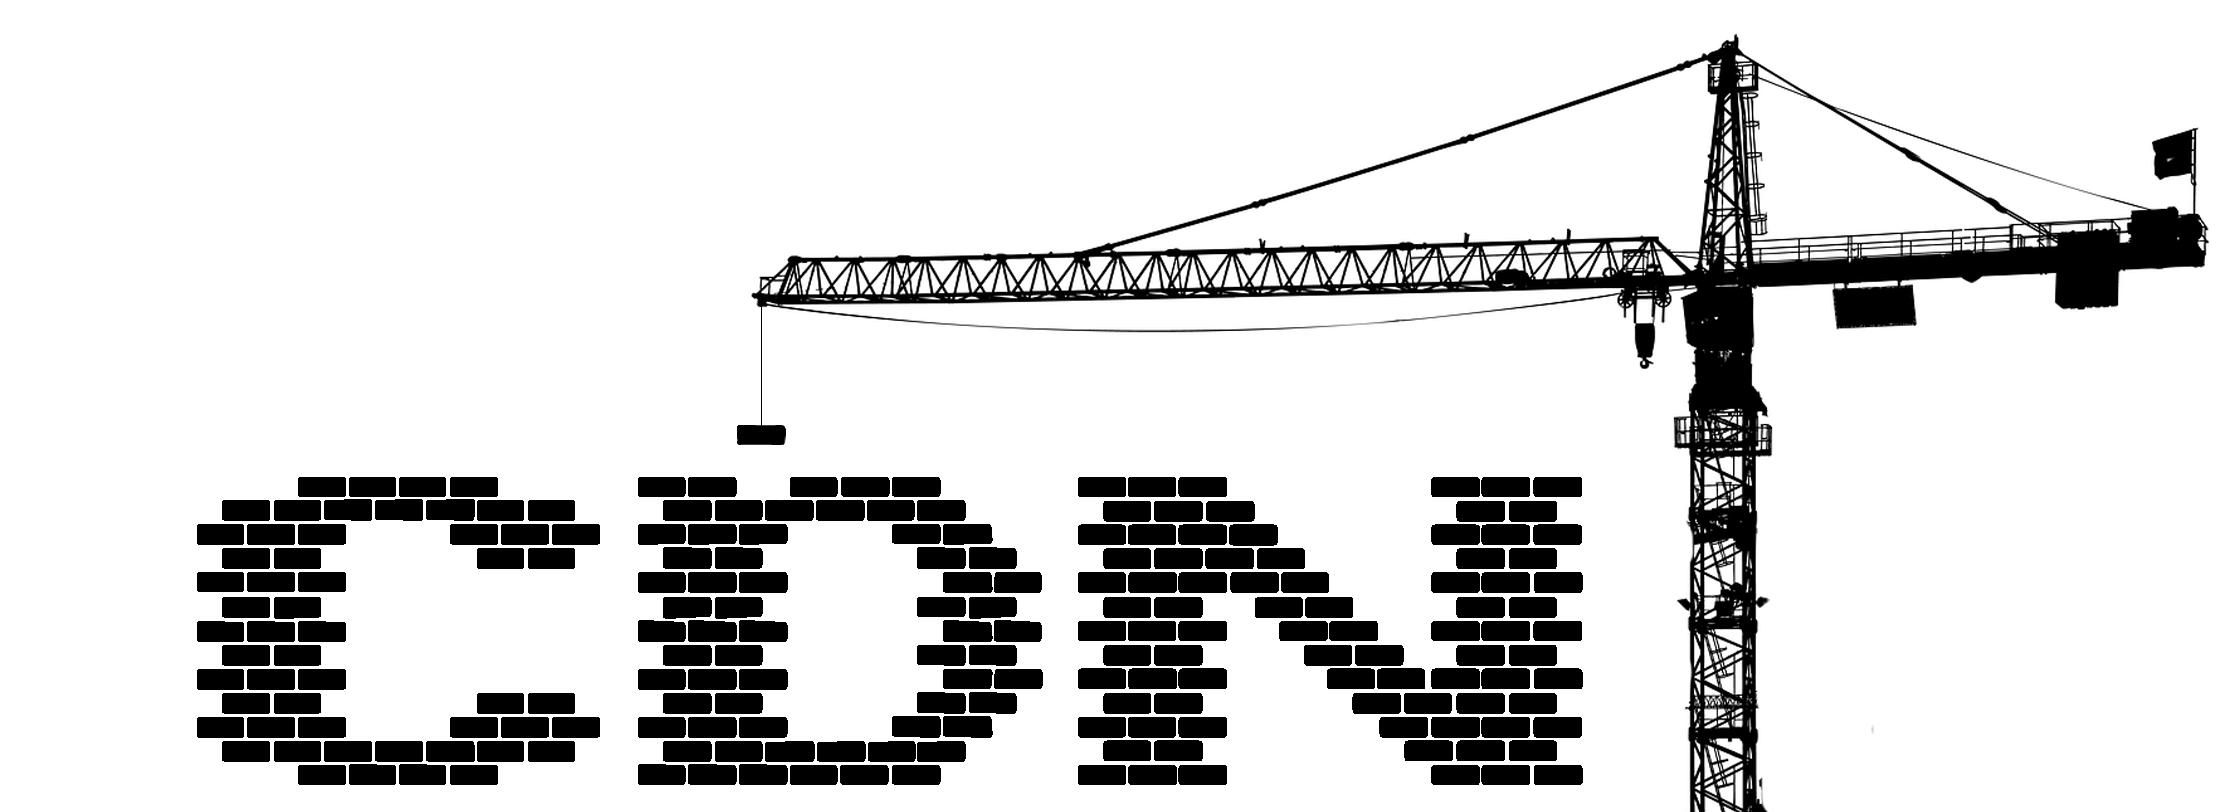 Building an open source anycast CDN